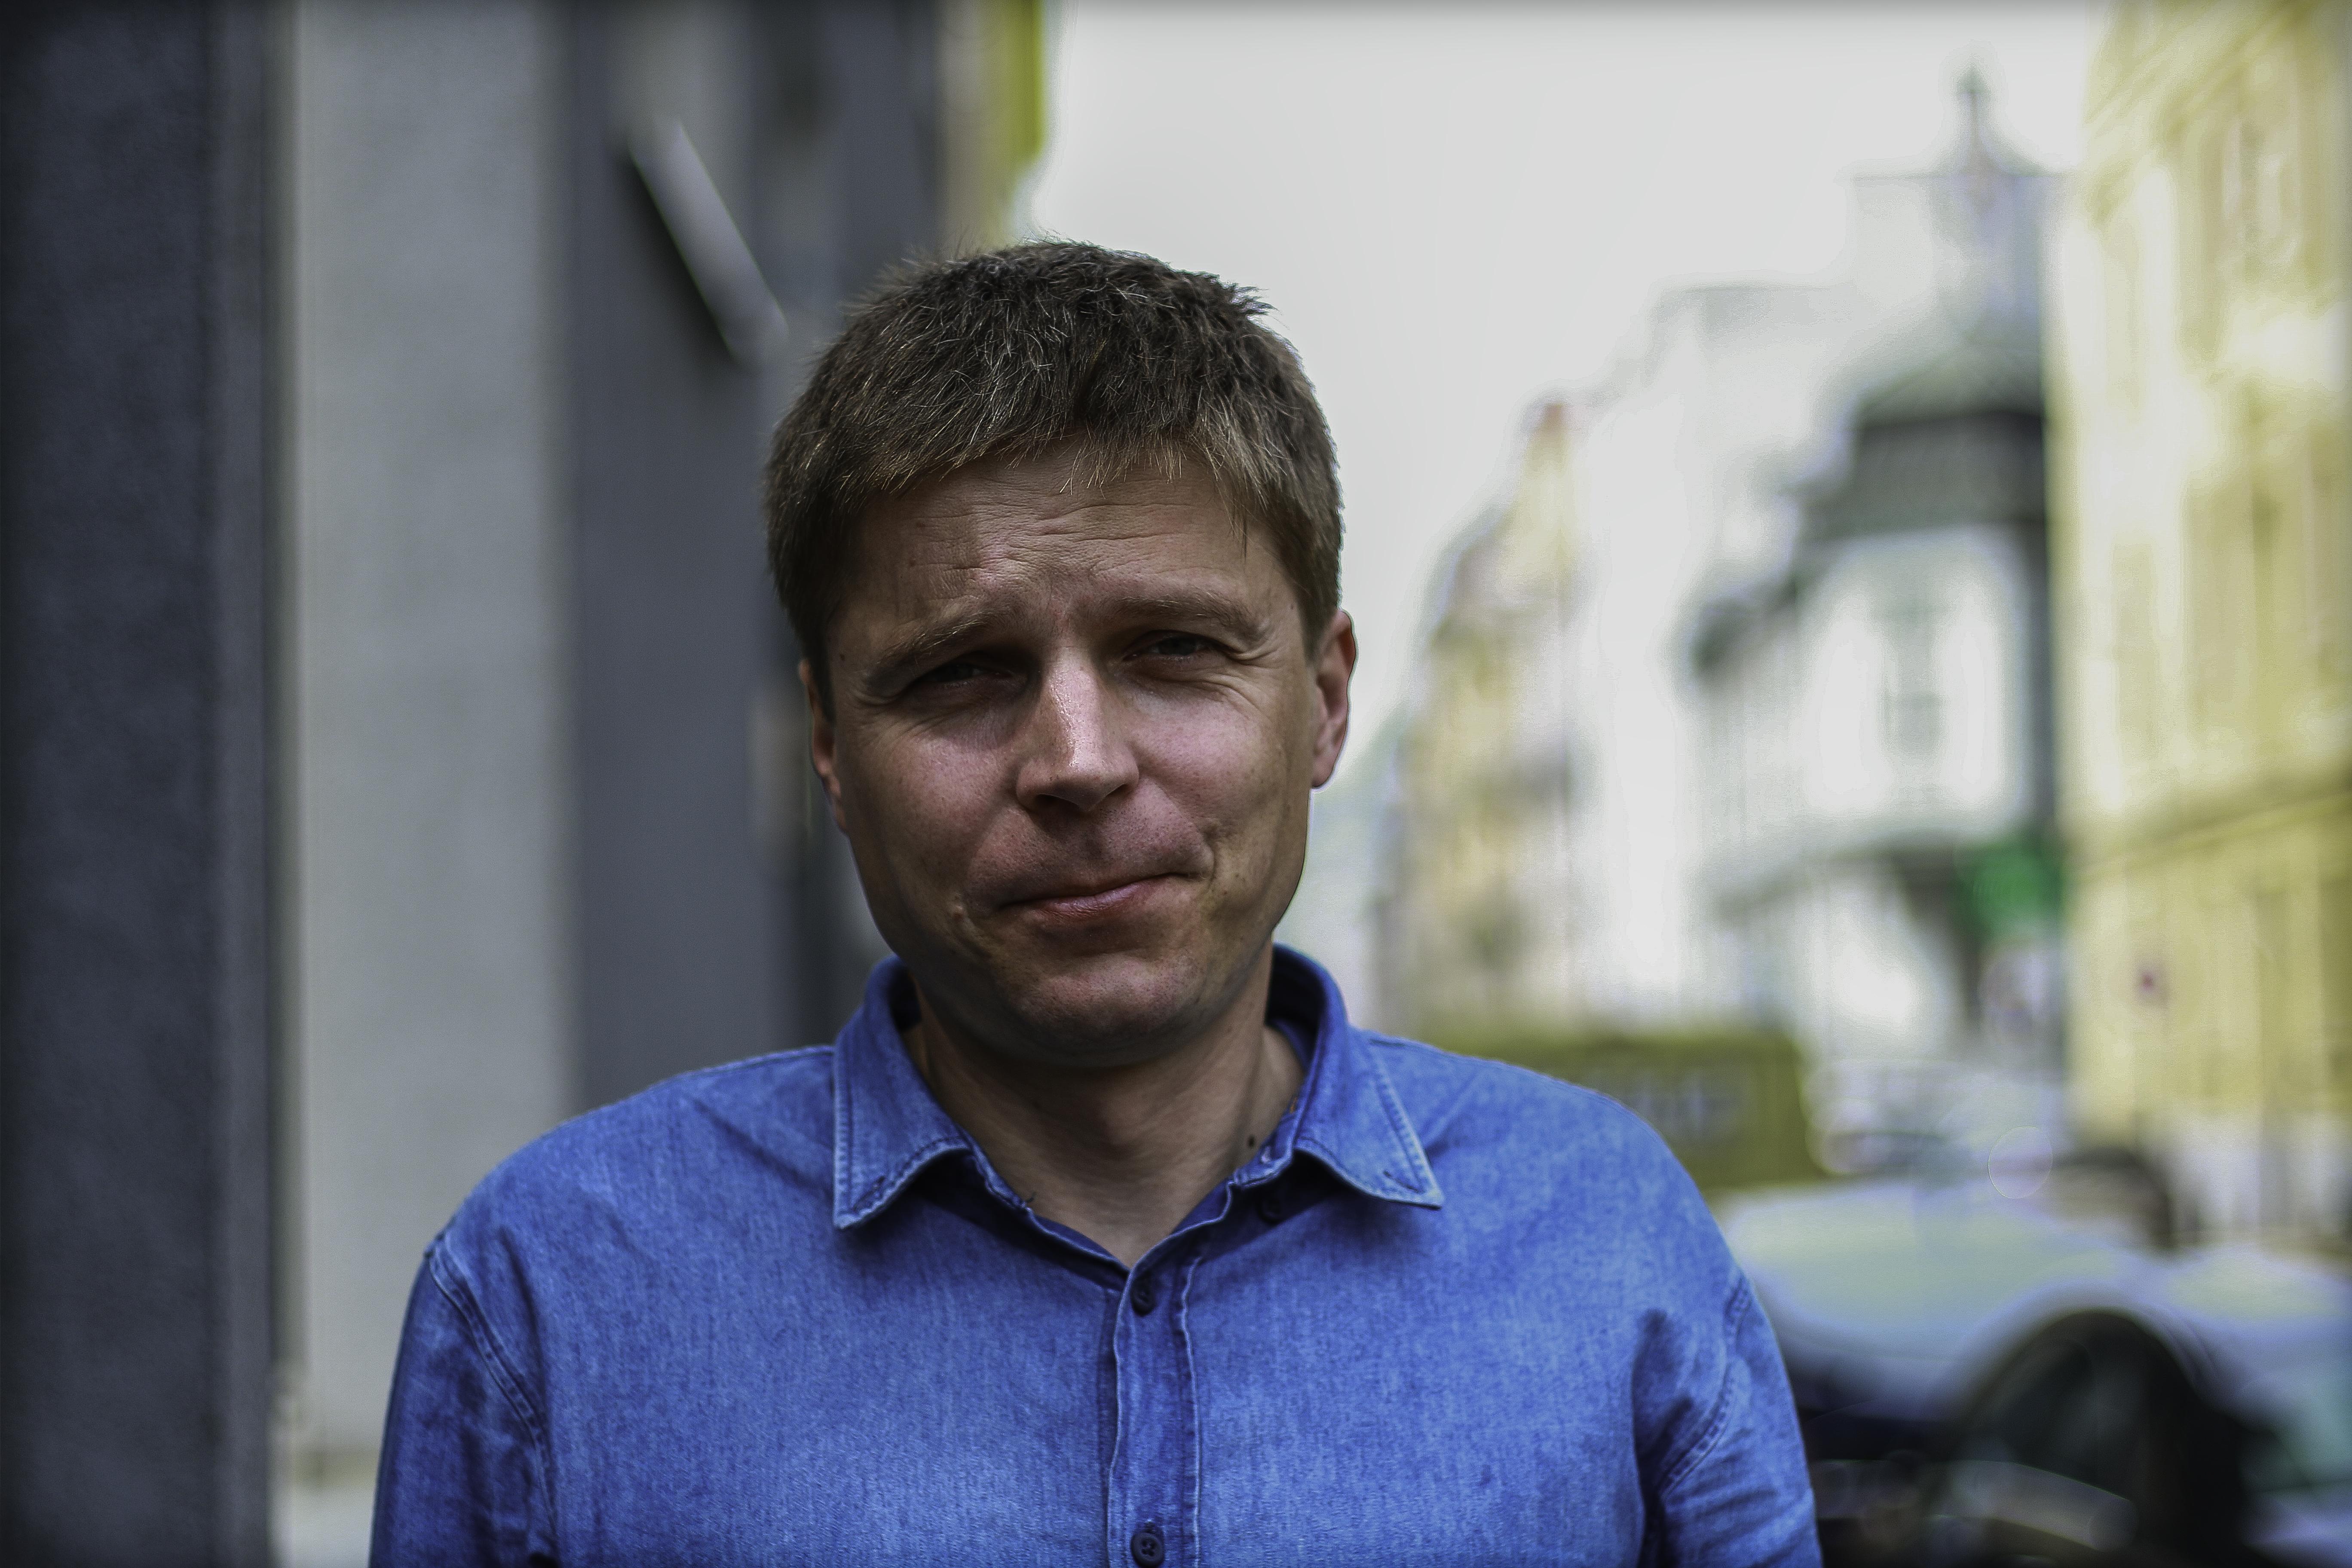 Režisér Evy Novej Marko Škop: Snažím sa robiť každý film tak, aby komunikoval